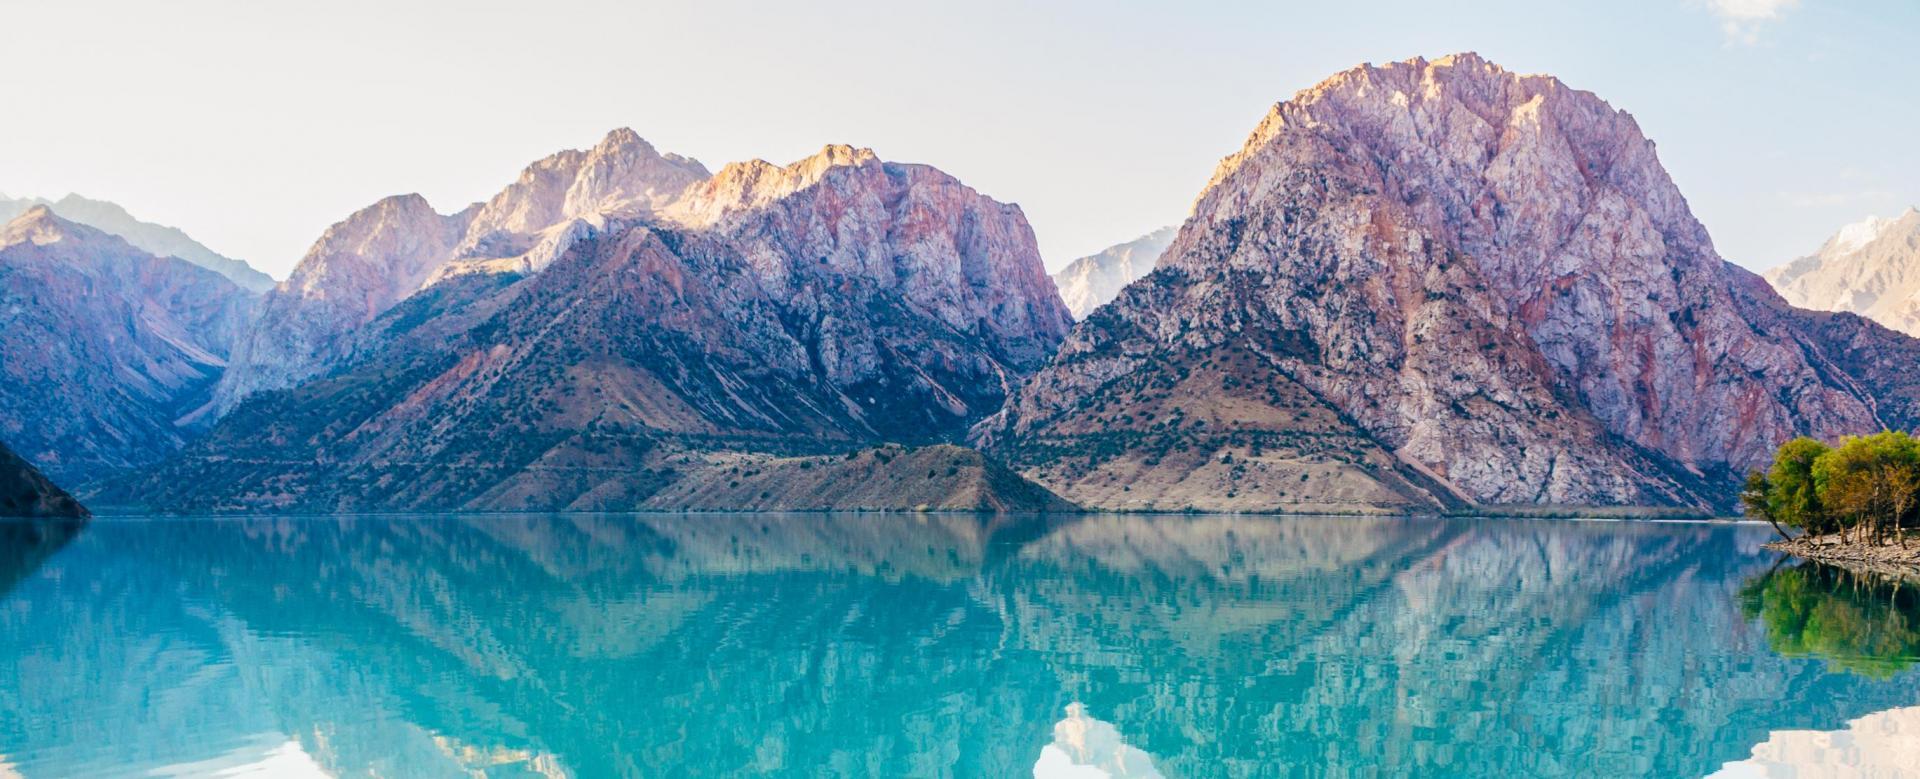 Voyage à pied : La grande traversée de l'asie centrale